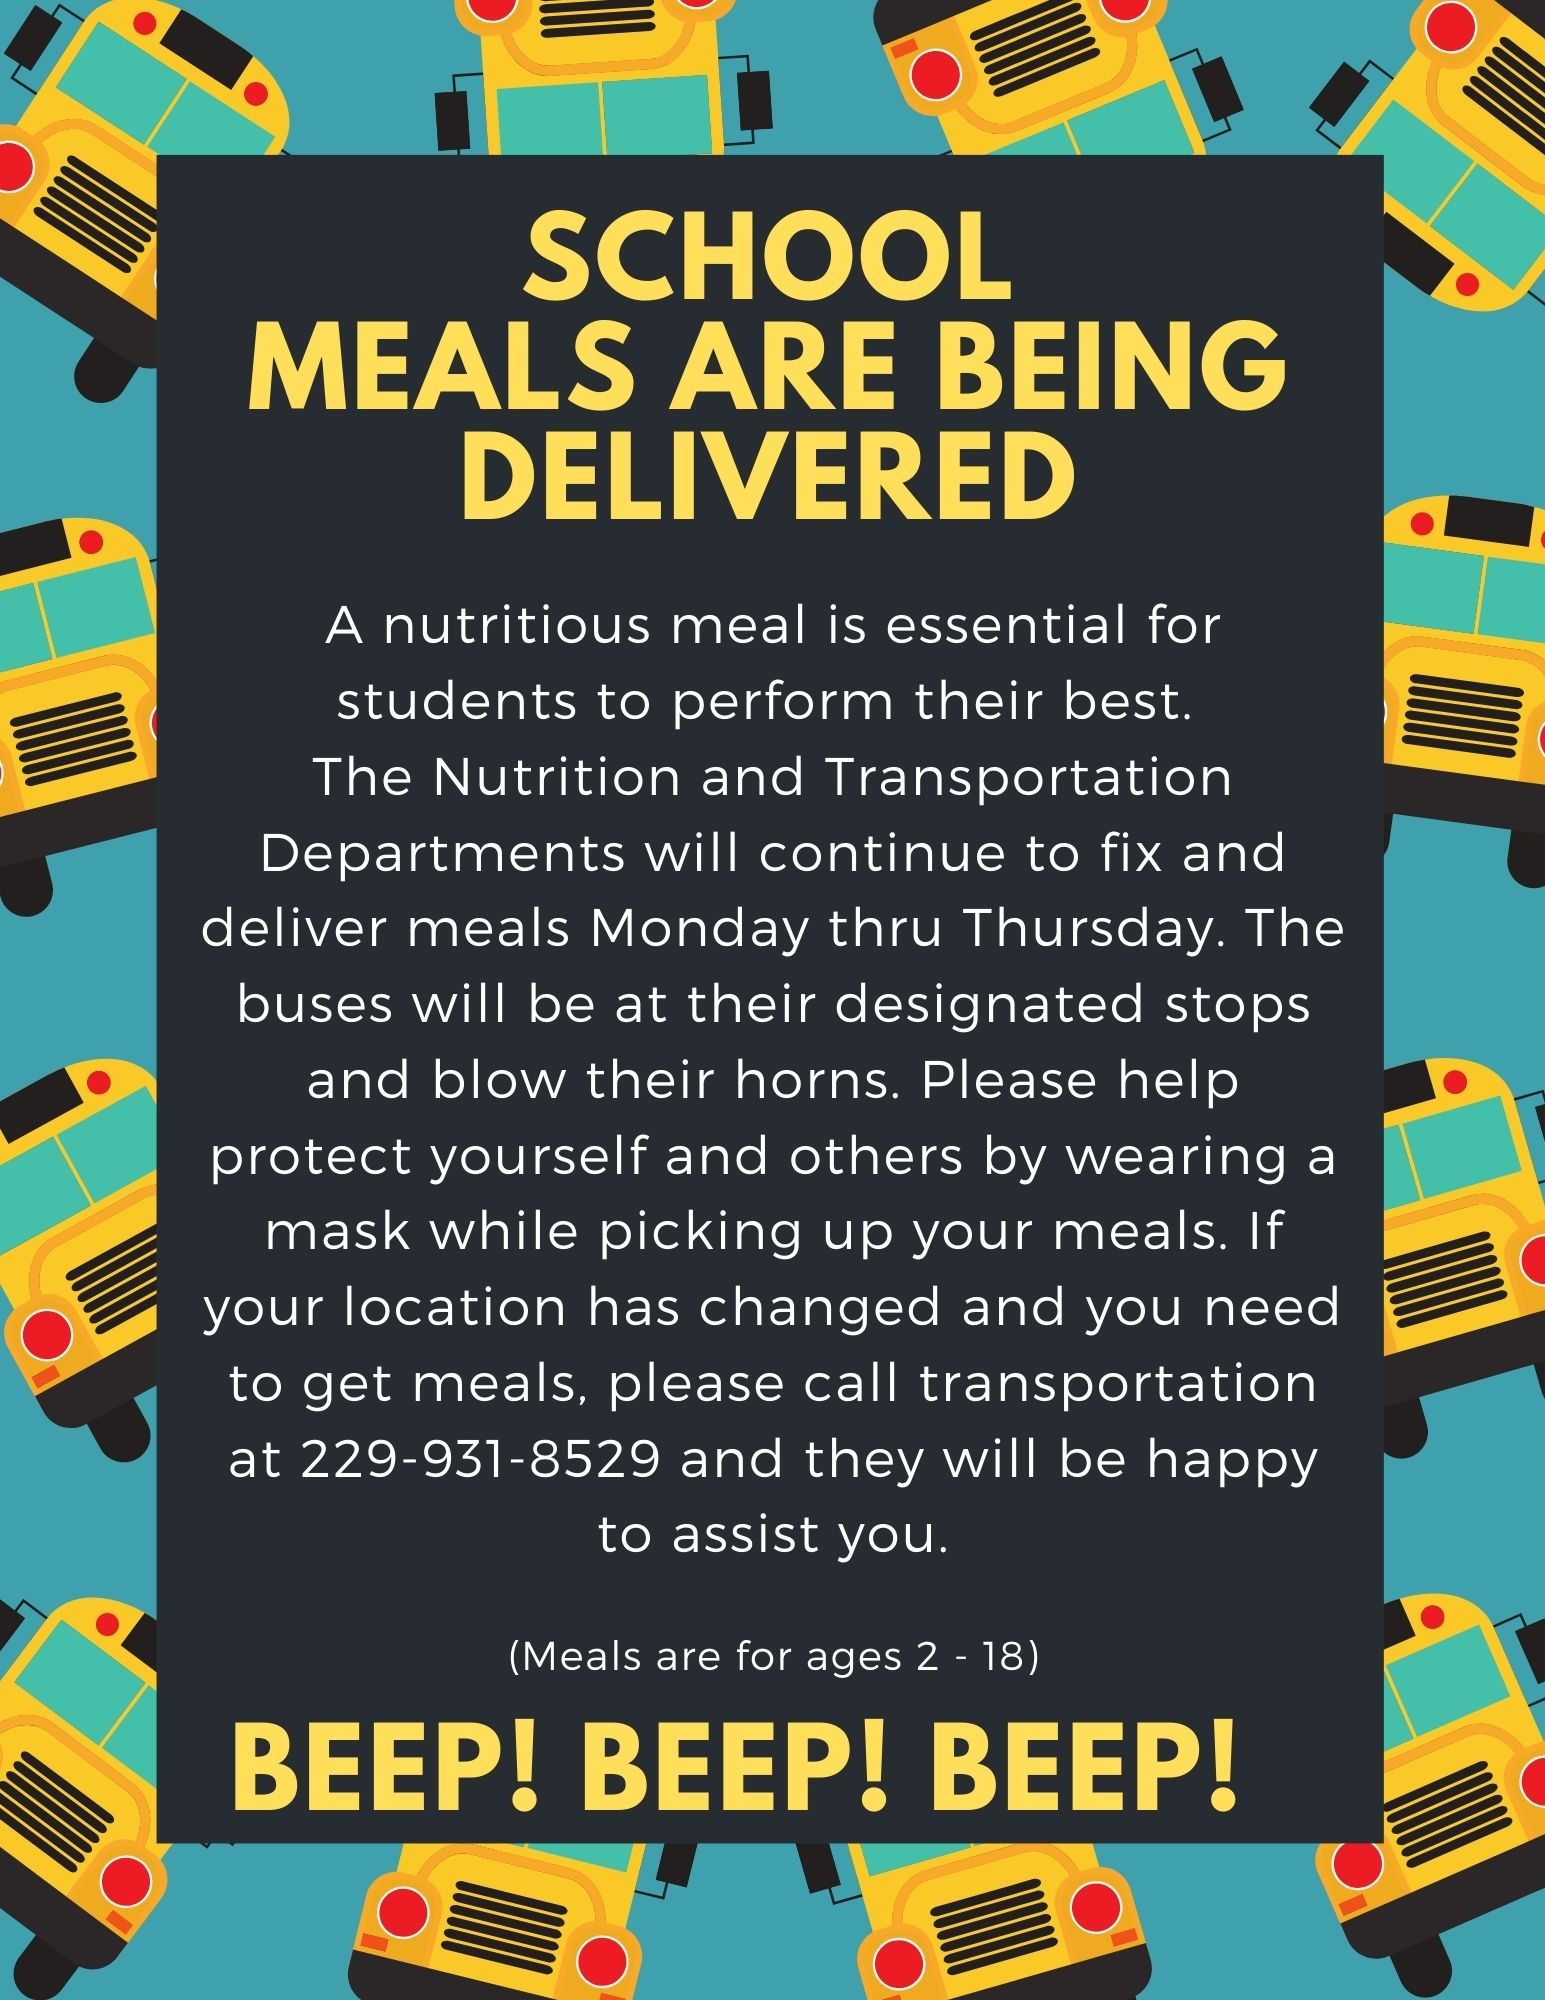 School Meals Delivered